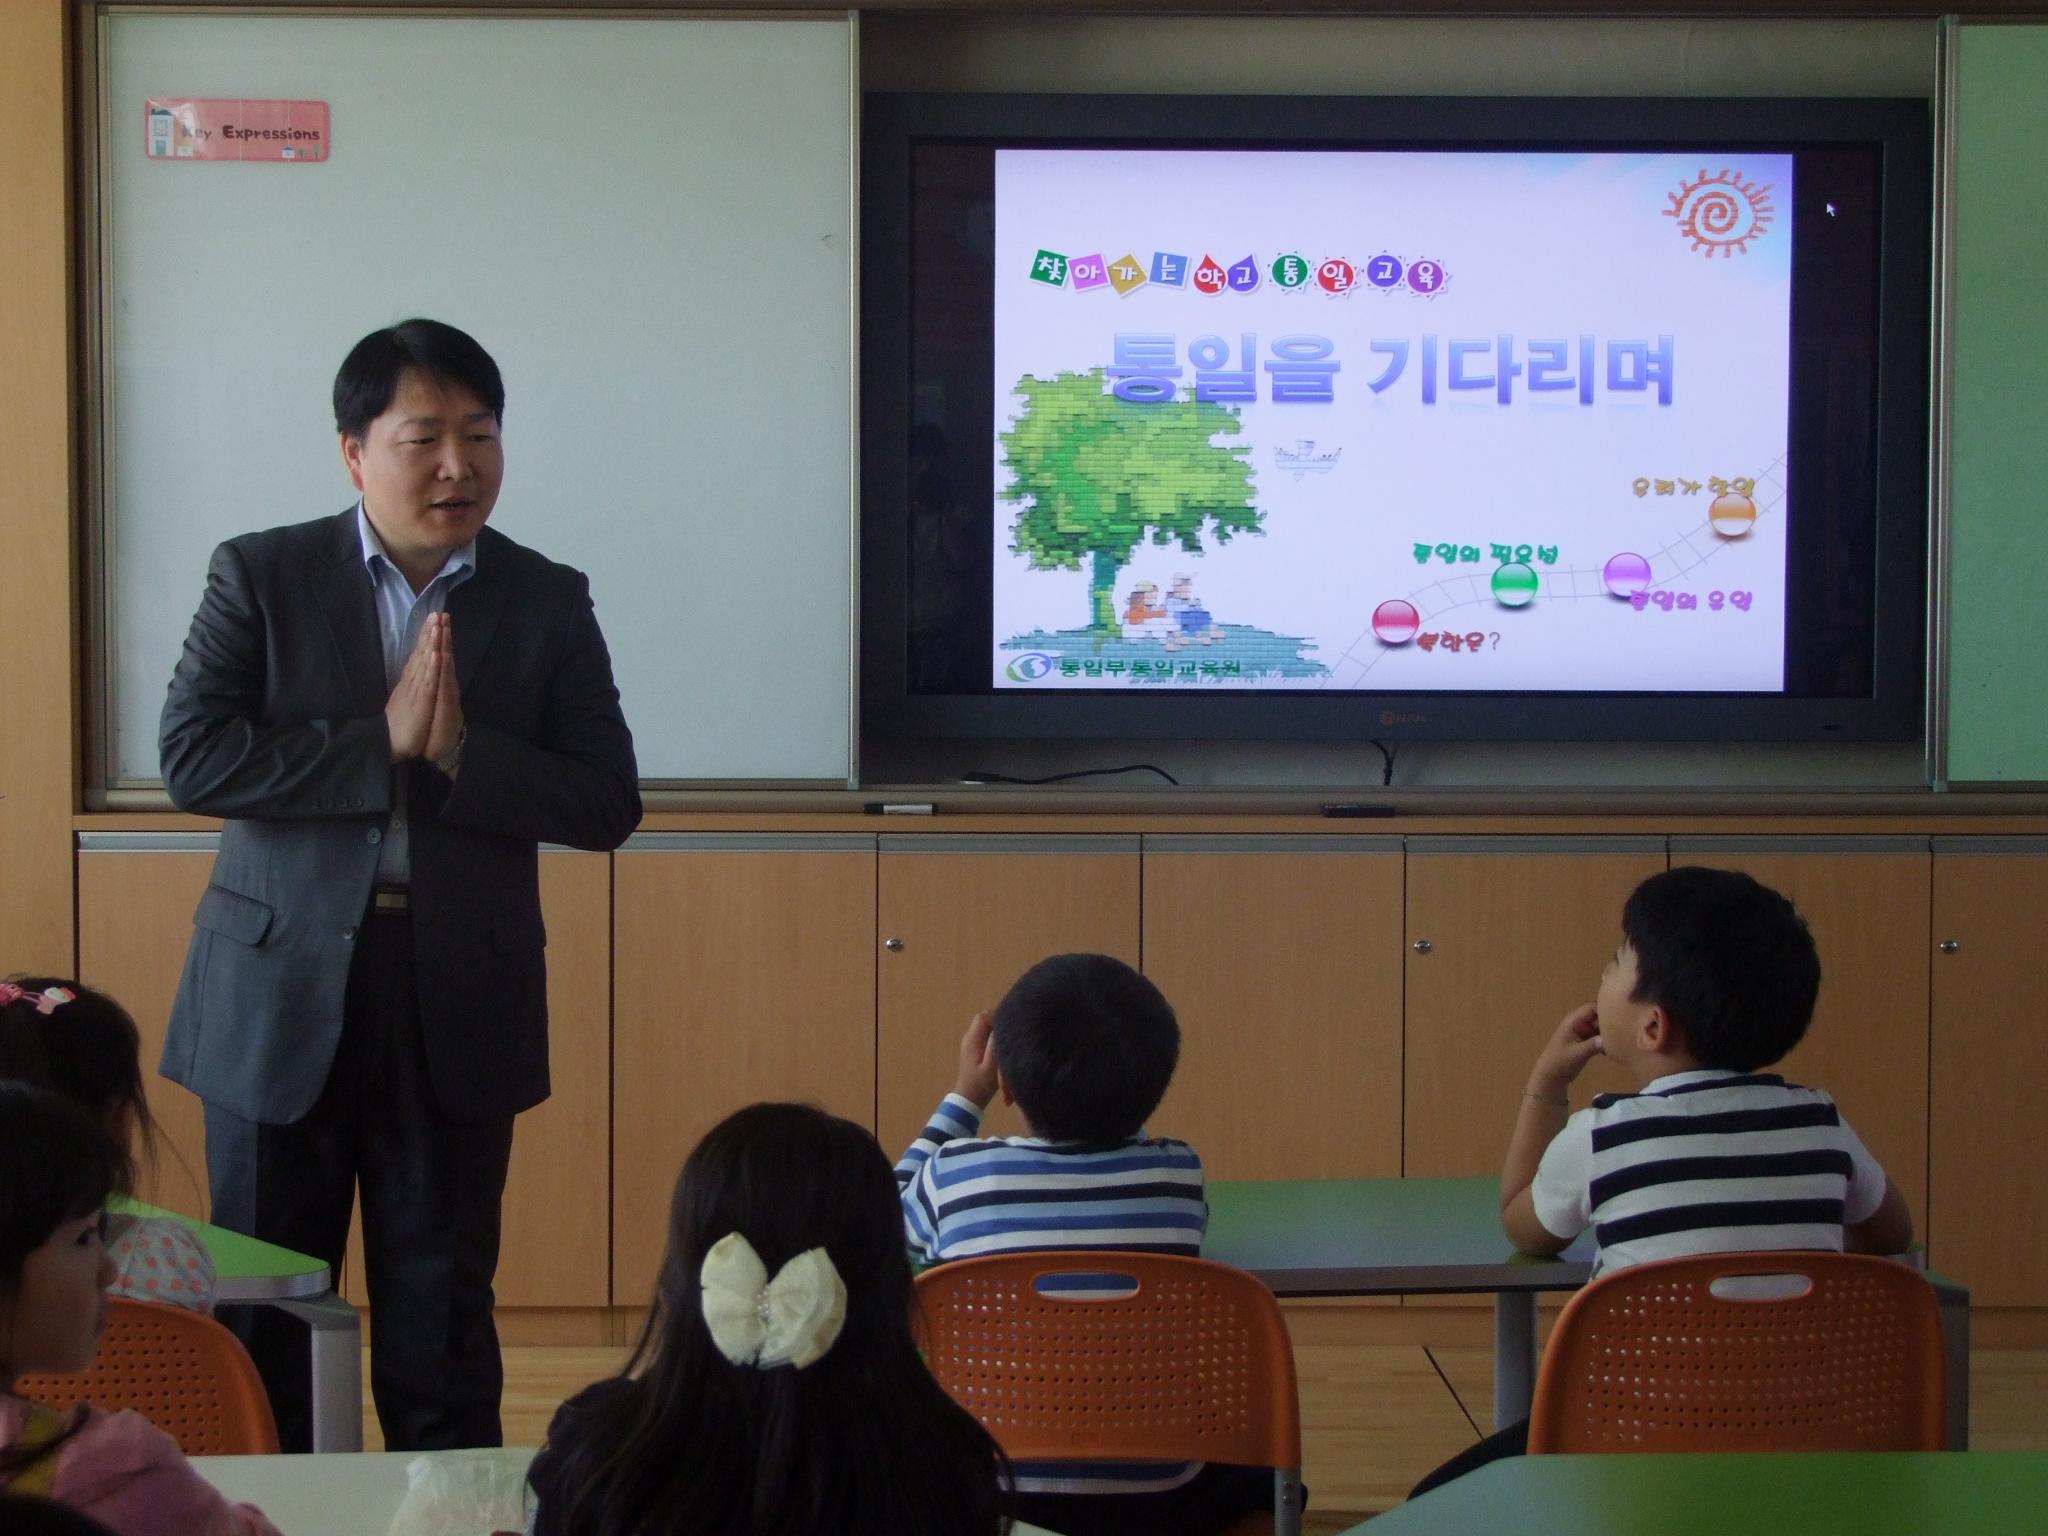 [일반] 2013.5.16. 통일교육의 첨부이미지 1